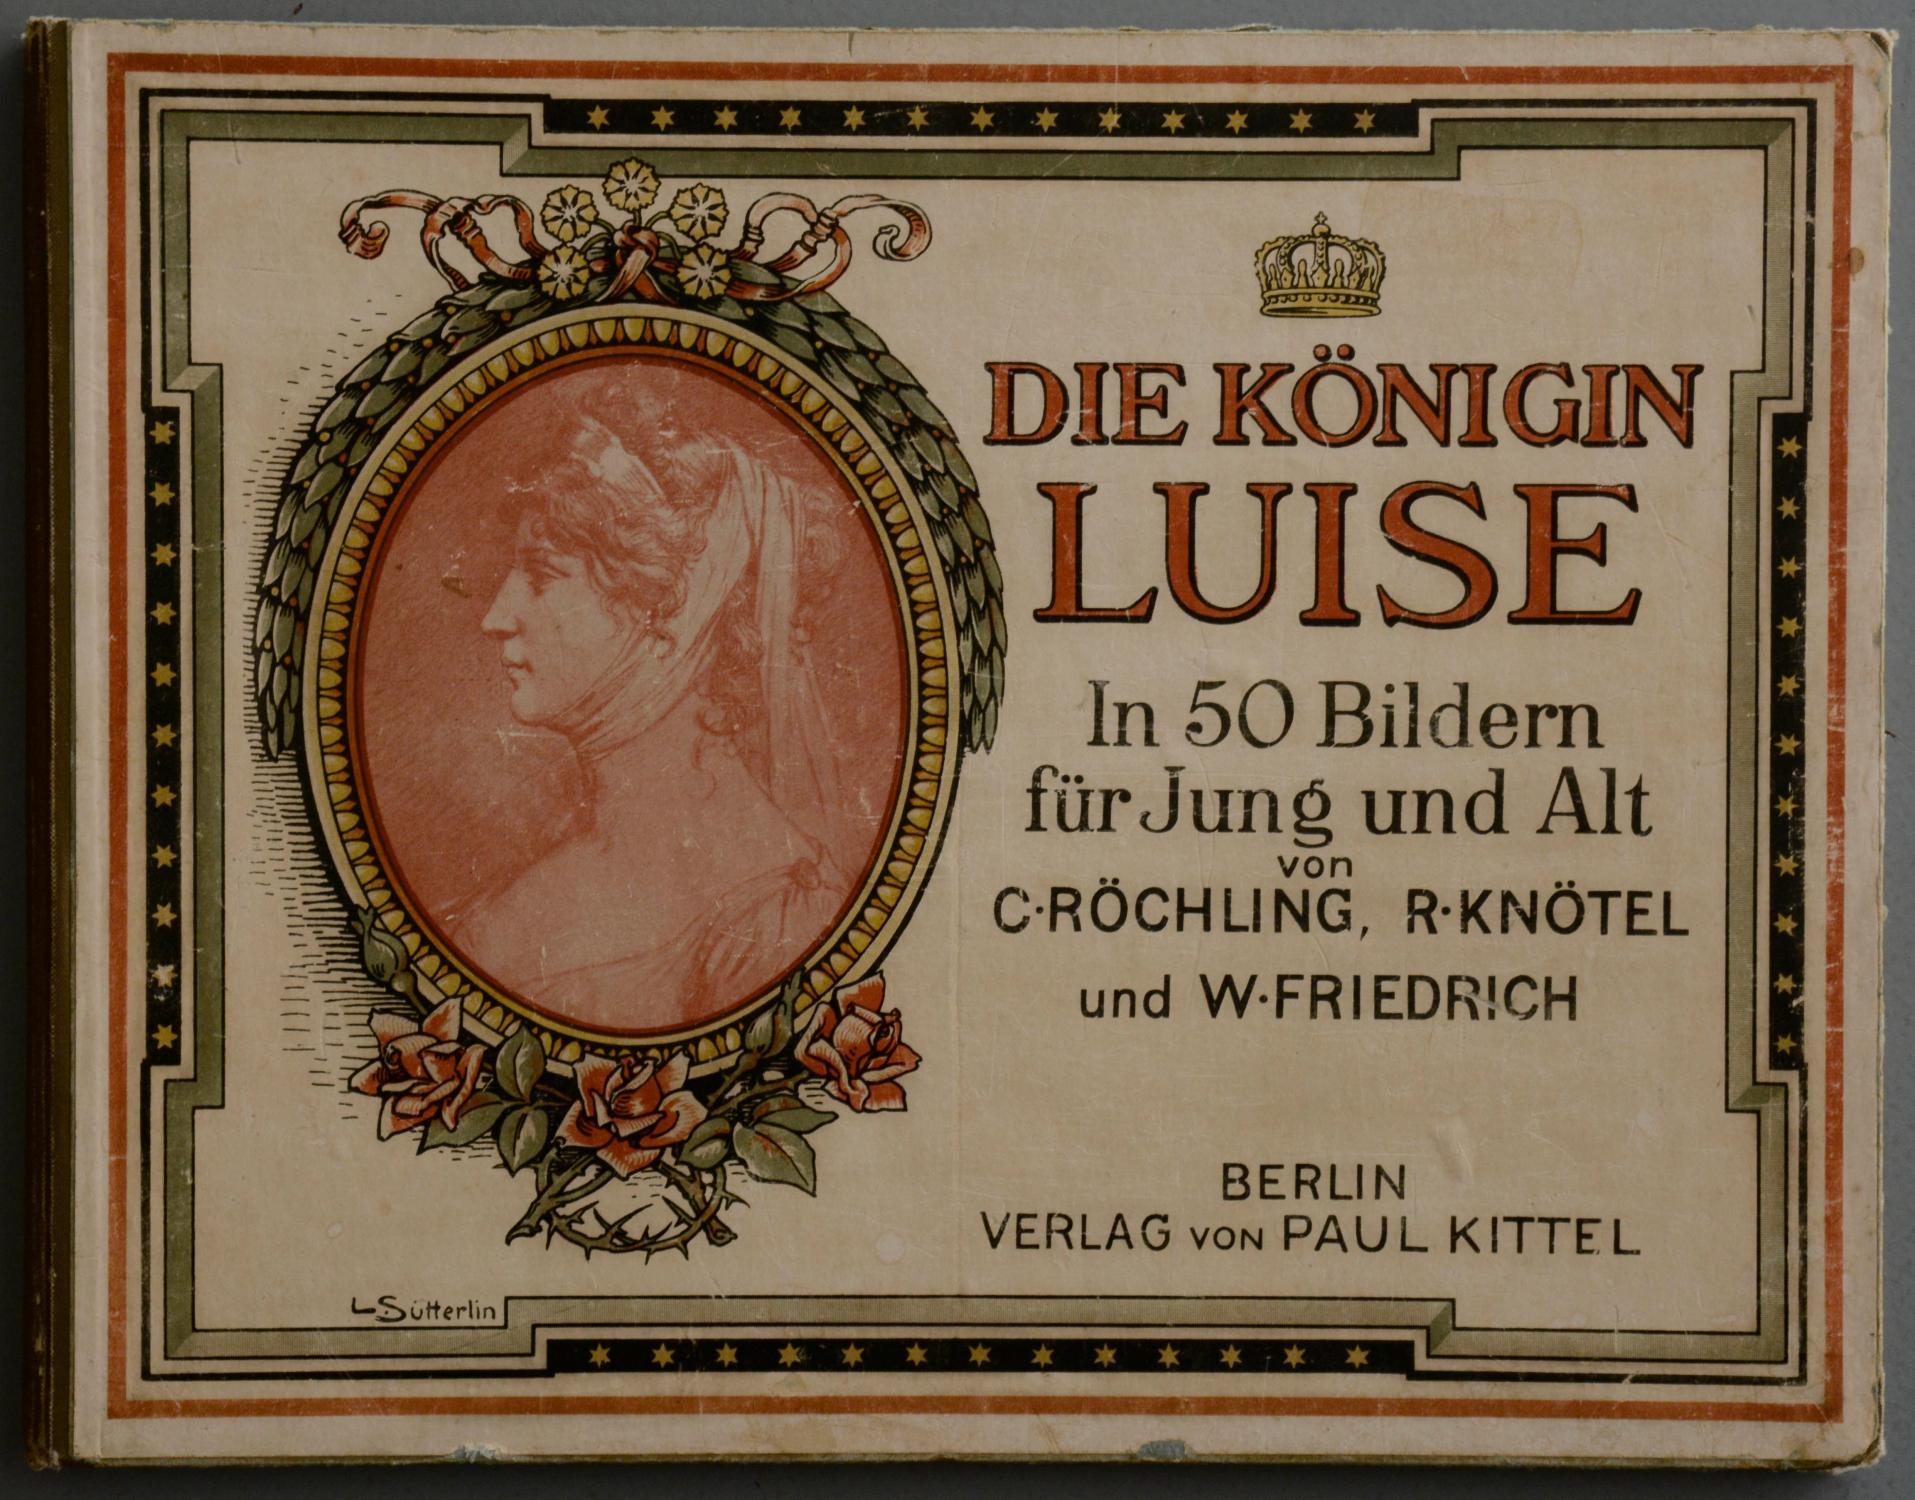 Die Königin Luise. In 50 Bildern für: RÖCHLING, C., R.